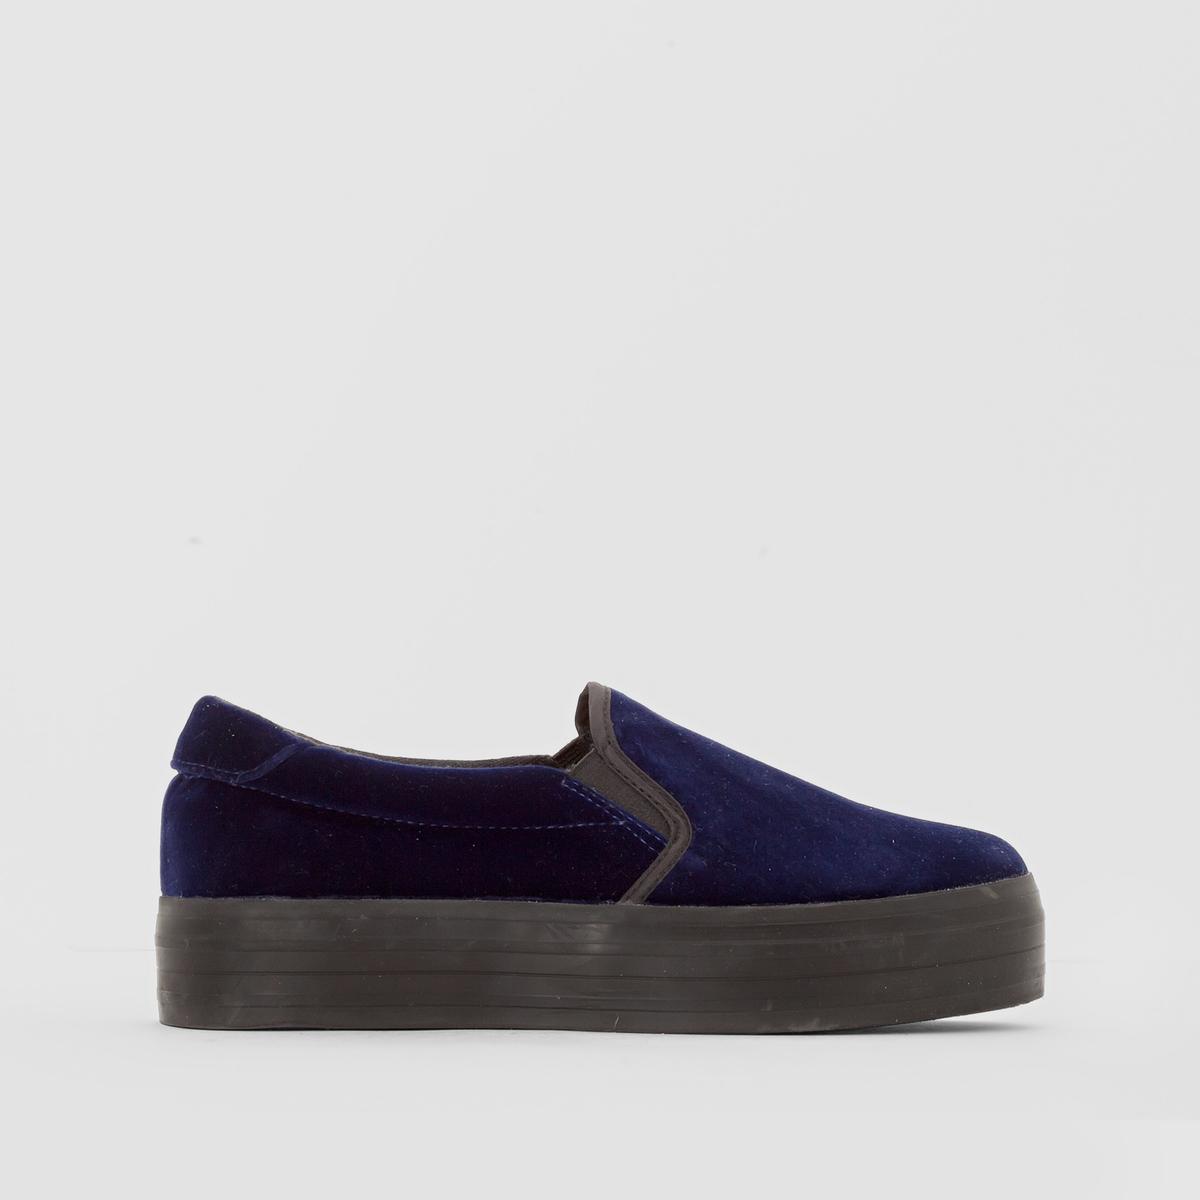 Слипоны на платформеПреимущества : низкие кеды, оригинальная платформа, удобная обувь на каждый день.<br><br>Цвет: бордовый,синий морской<br>Размер: 36.39.41.39.38